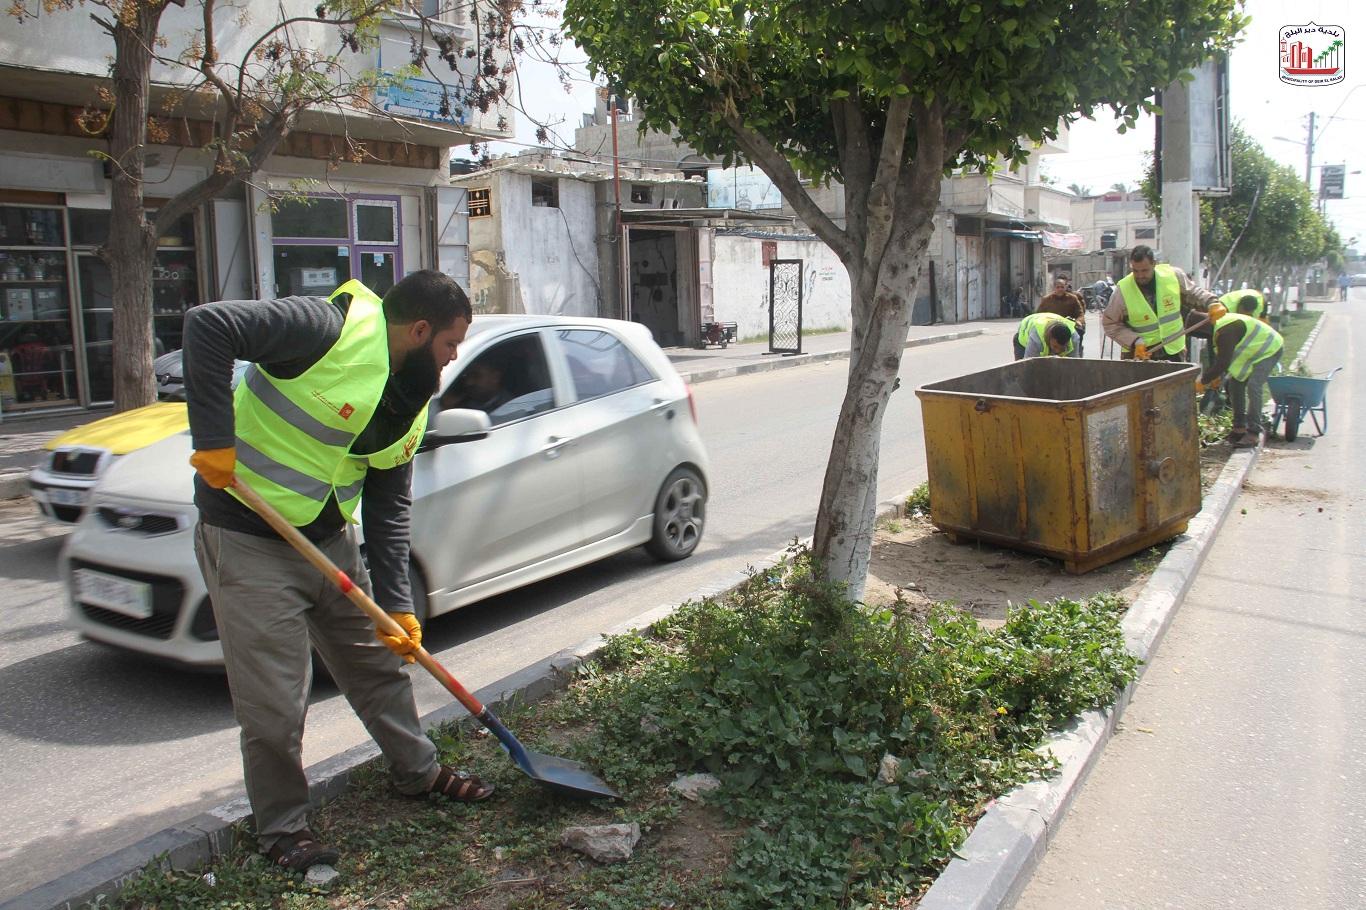 عمال النظافة أثناء قيامهم بأعمال تنظيف للجزيرة بشارع الشهداء- المحطة